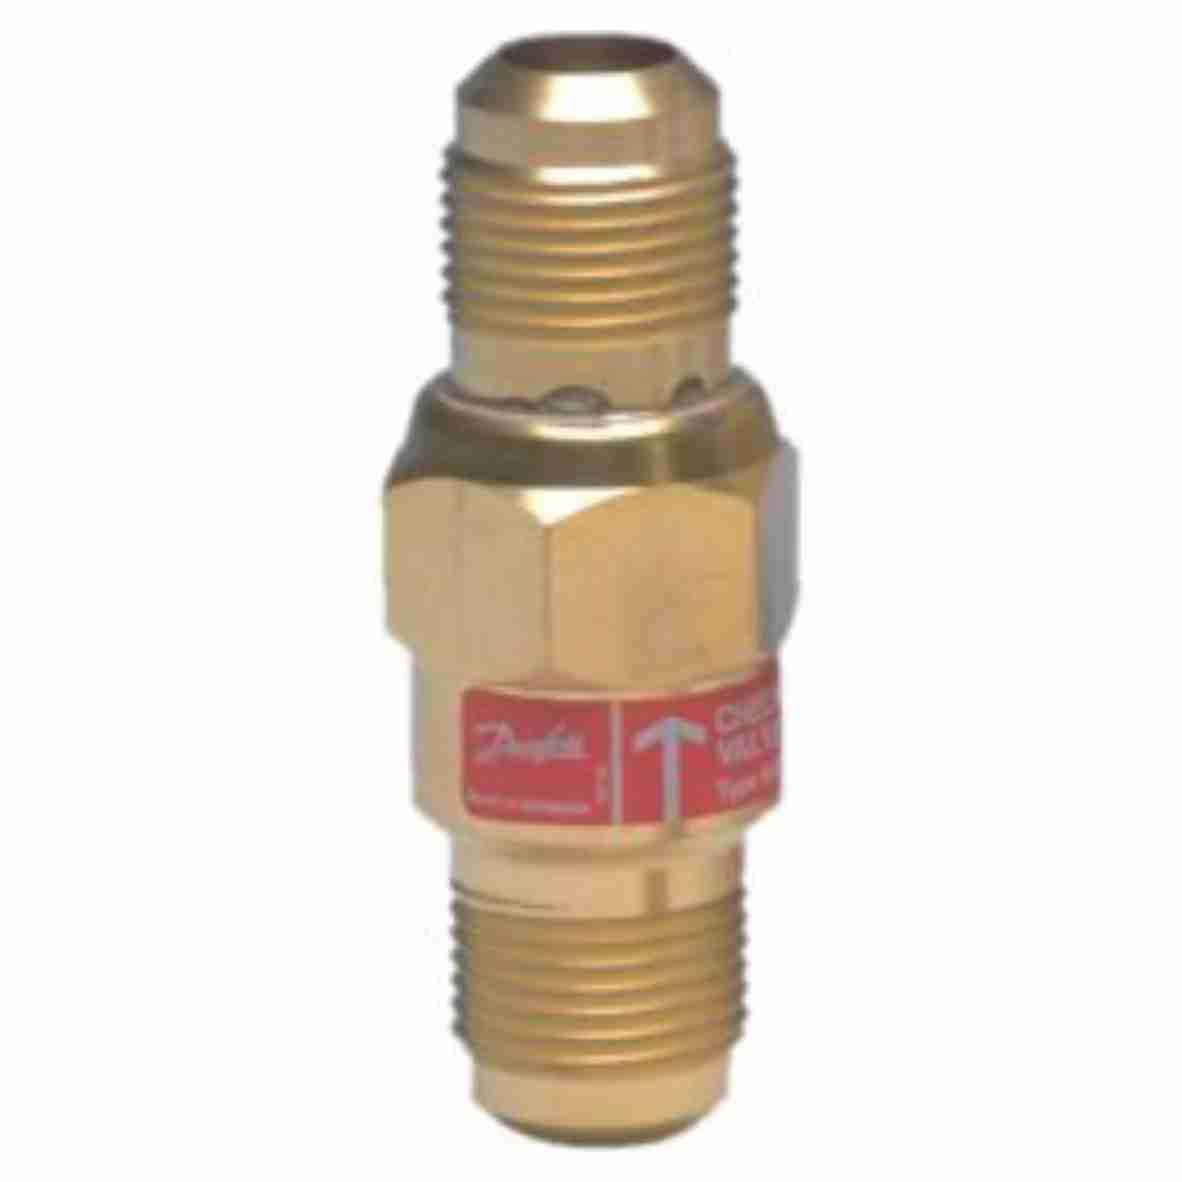 Válvula retenção Danfoss 1/4 rosca NRV06R reta